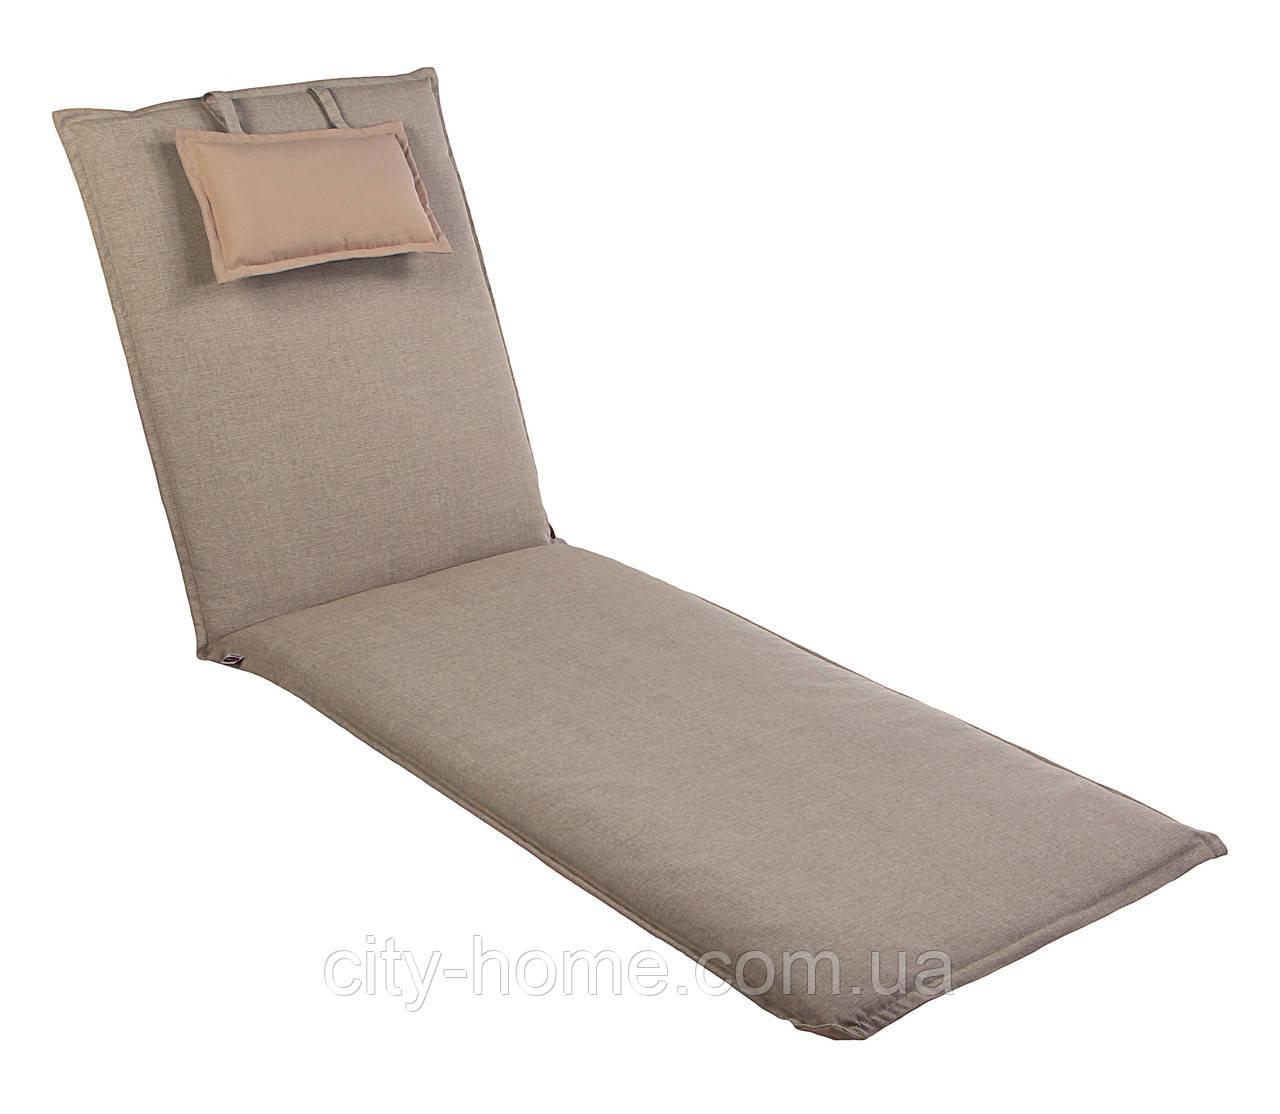 Матрац для лежака Lilu 4212